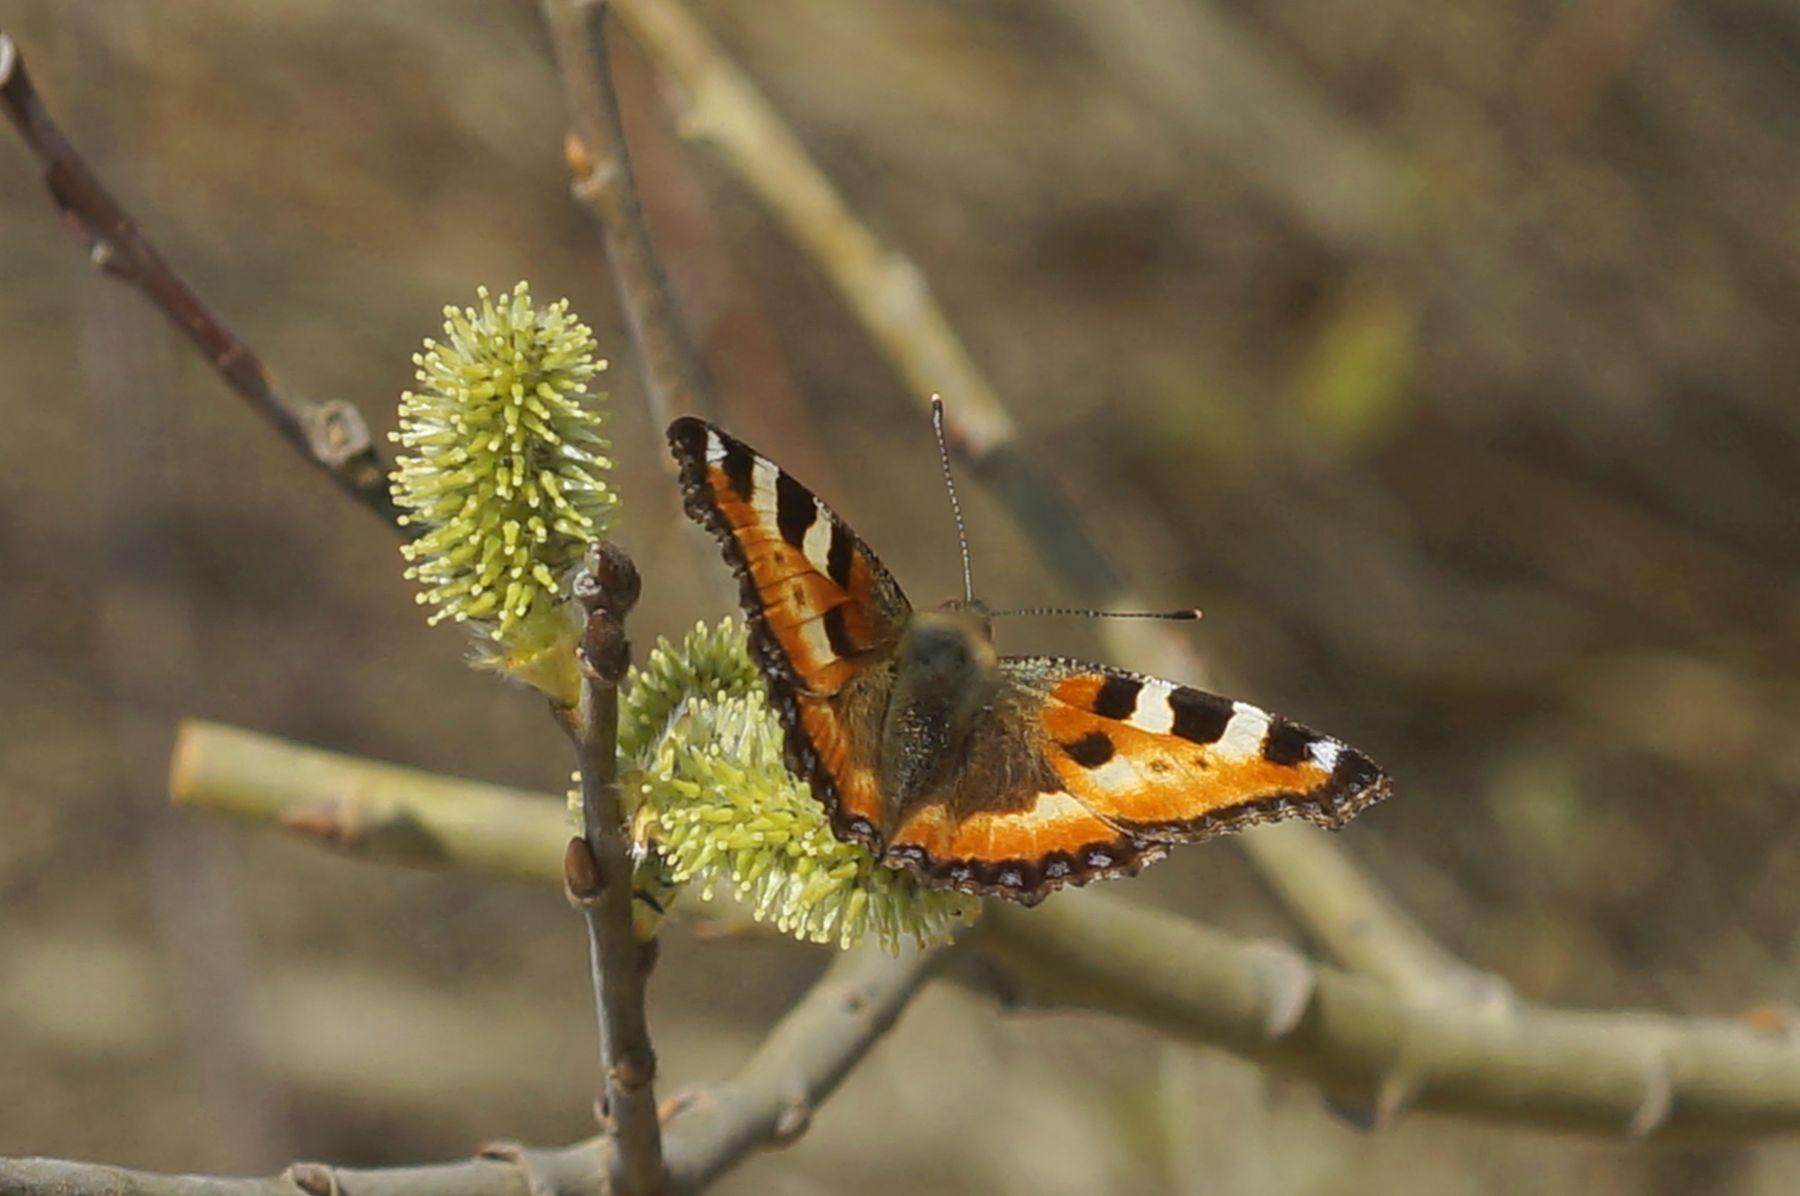 Крапивница крапивница бабочка весна верба лес